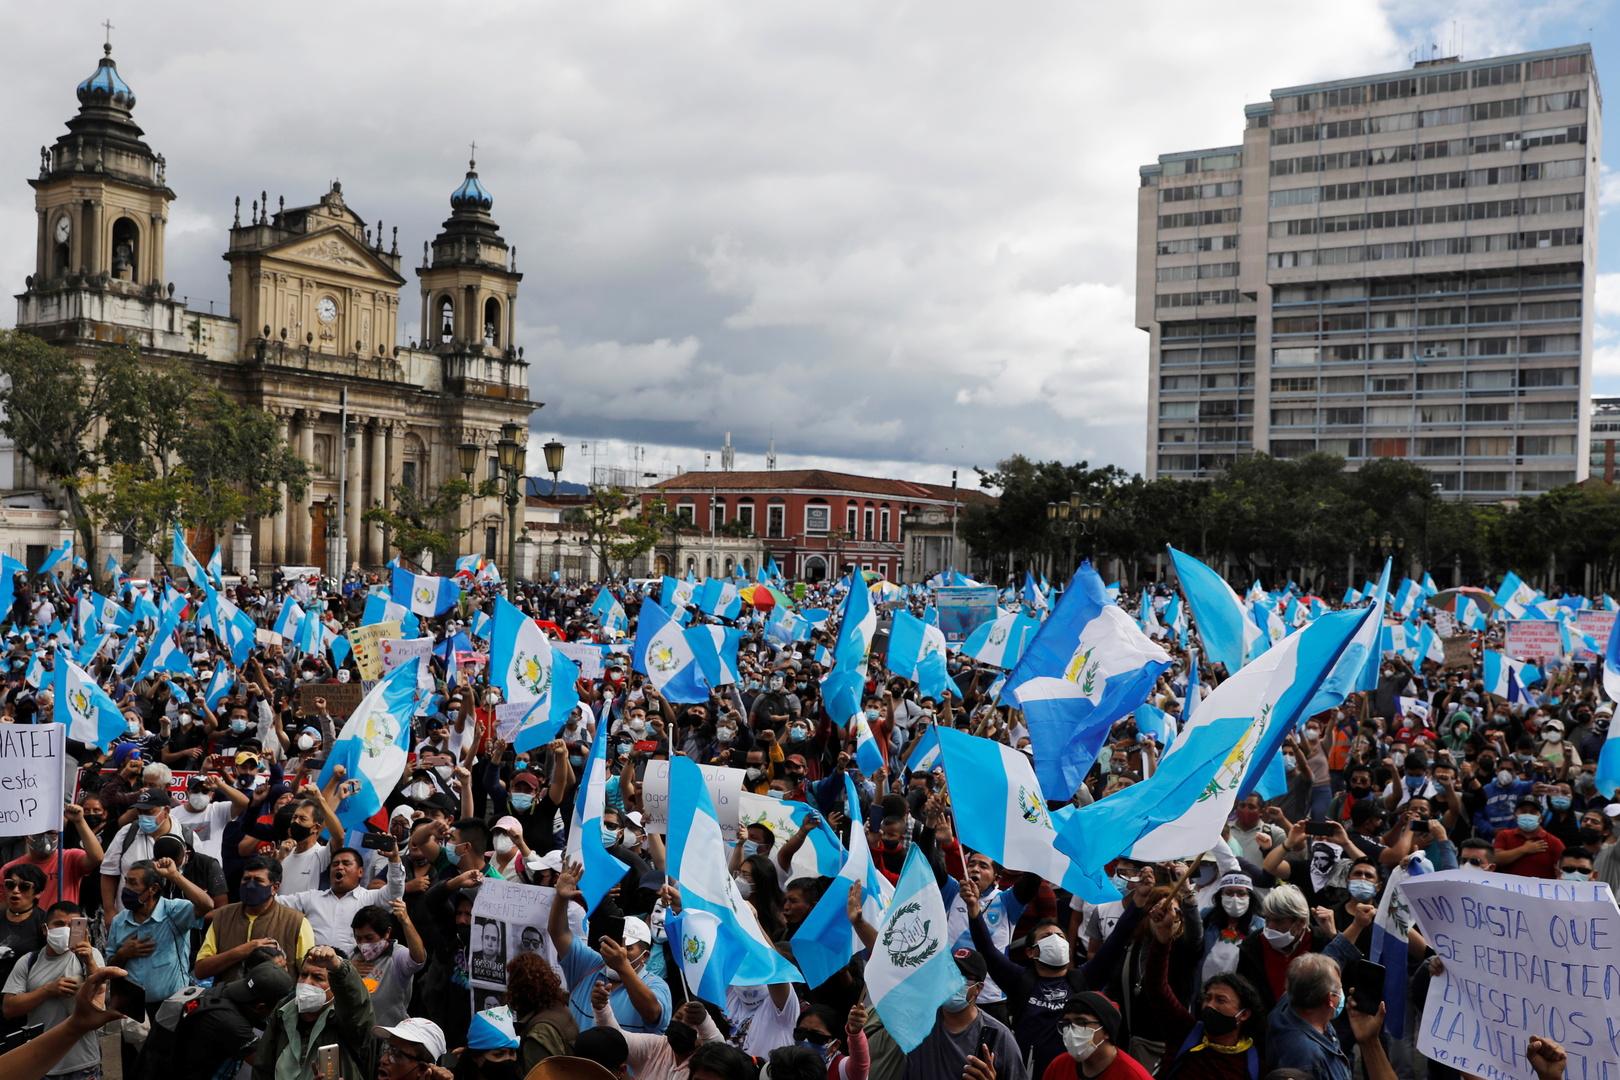 غواتيمالا.. احتجاج الآلاف ضد الرئيس وإضرام النار في مبنى الكونغرس